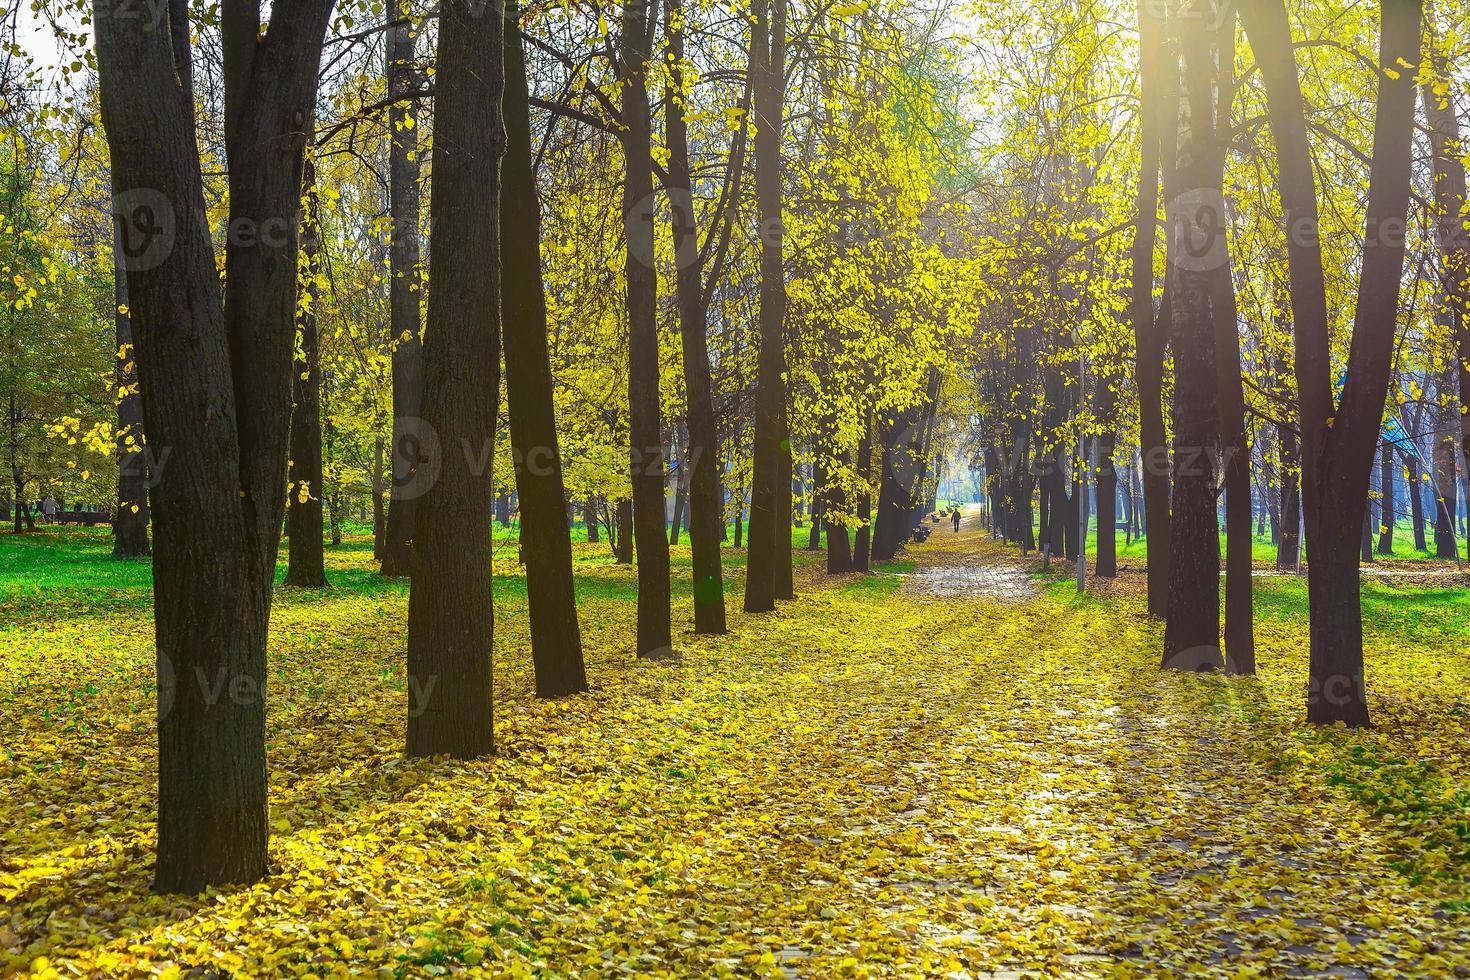 rij van herfst bomen onder gevallen gele bladeren foto